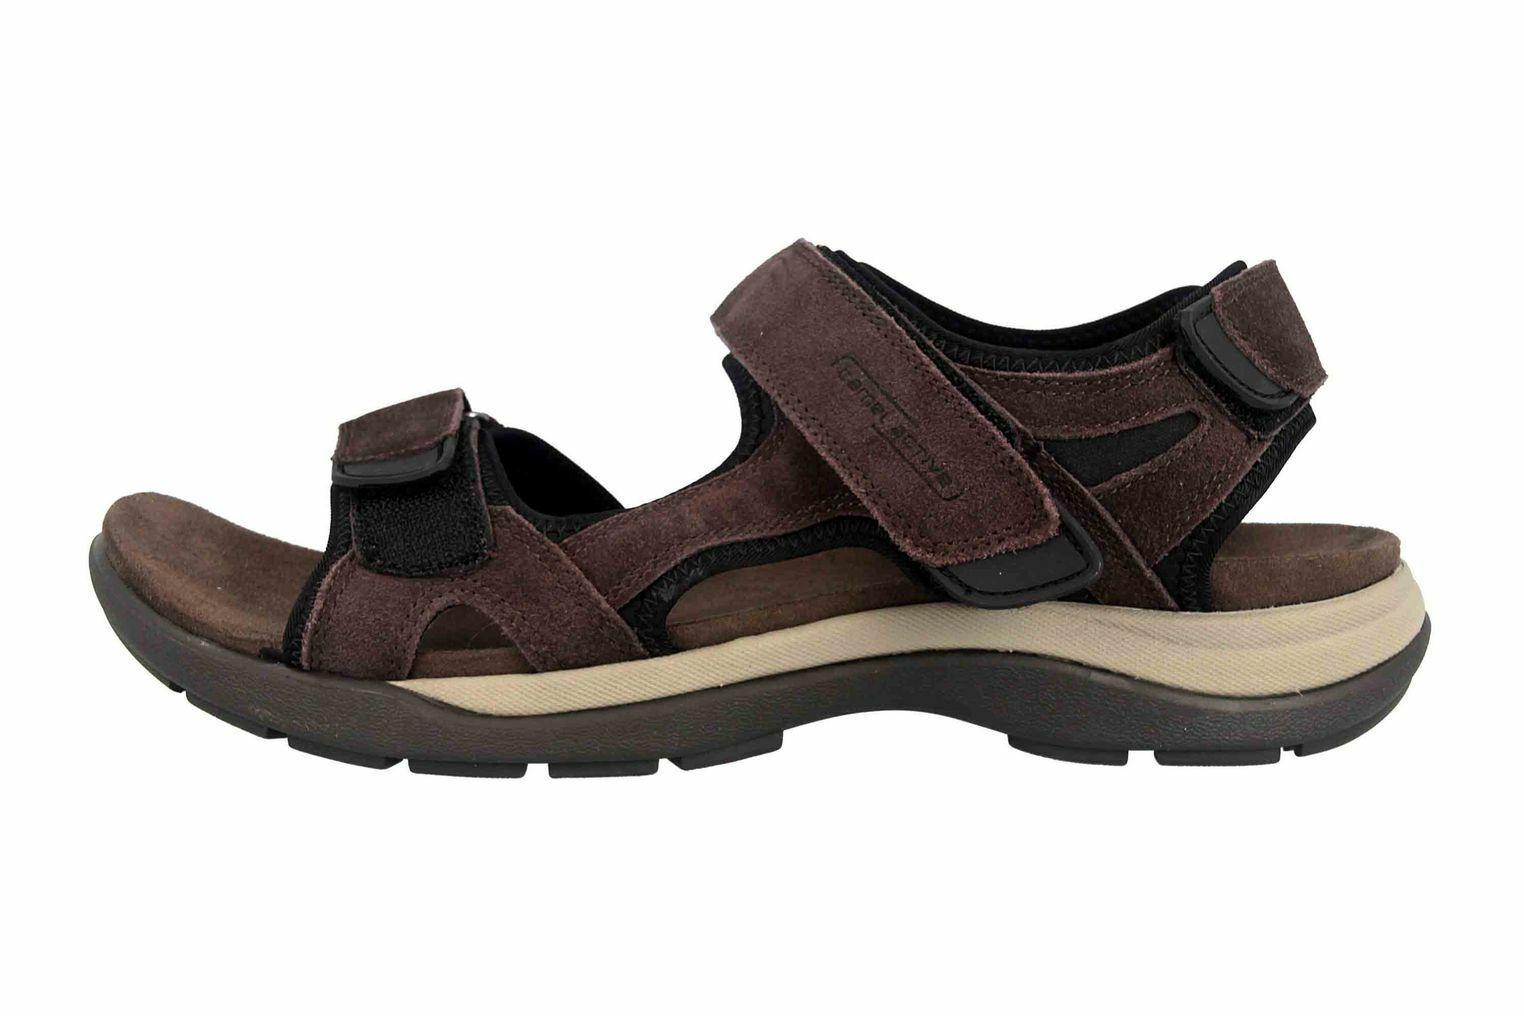 promo code 96f3f a8aff CAMEL Active sandalo in in in overDimensione Marroneee 540.11.02 grandi  scarpe da uomo 6bd501